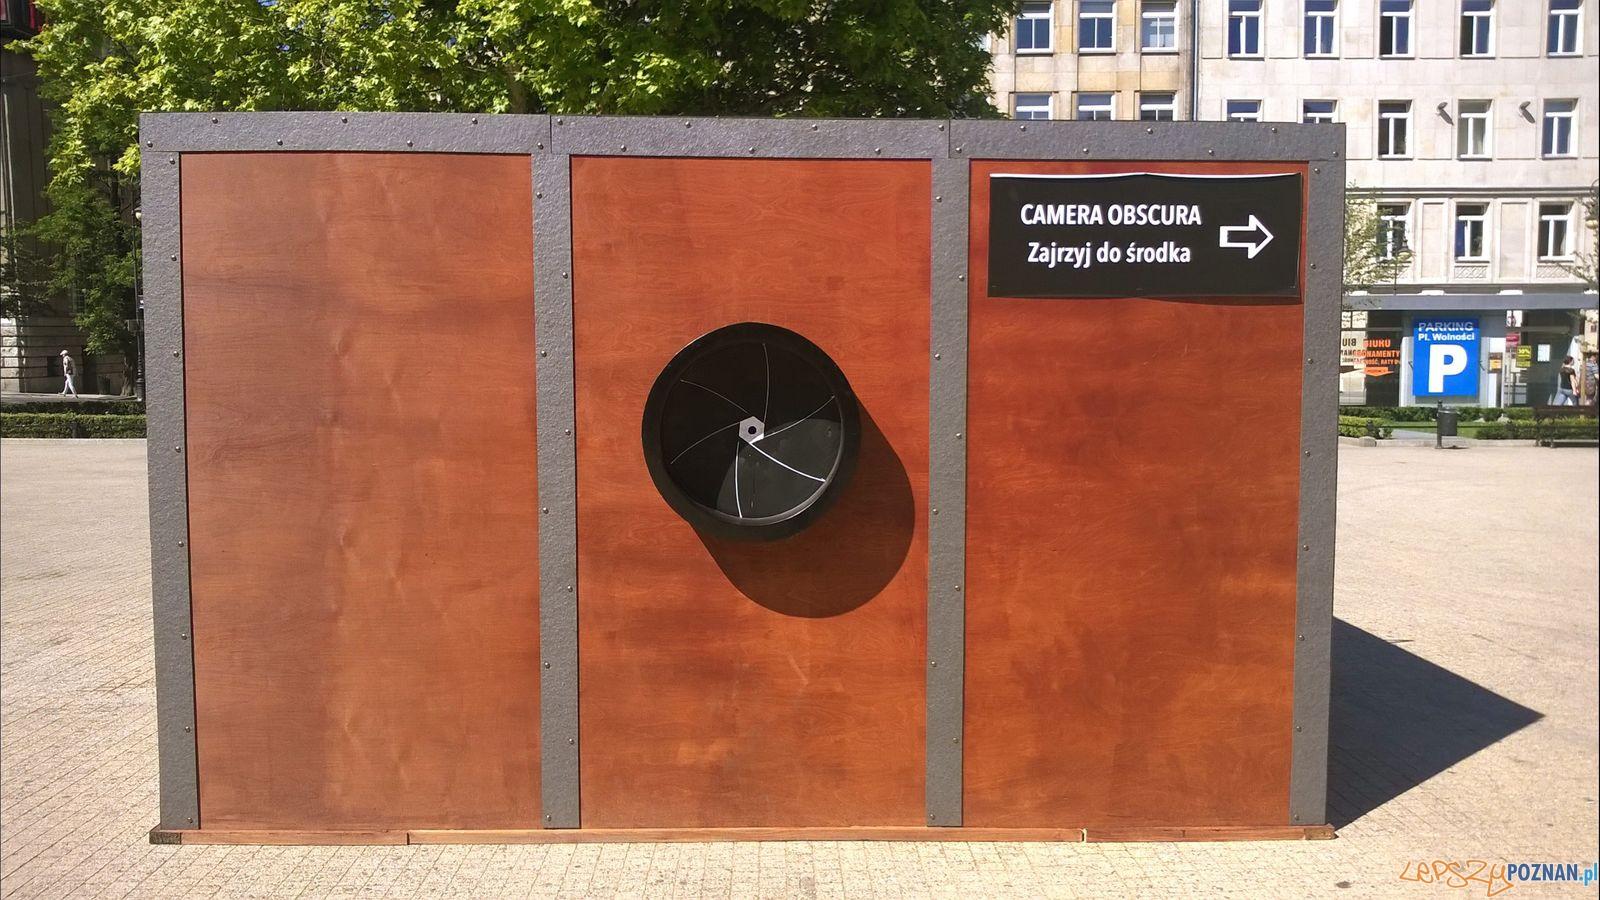 Plac Wolności - Camera obscura  Foto: Tomasz Dworek